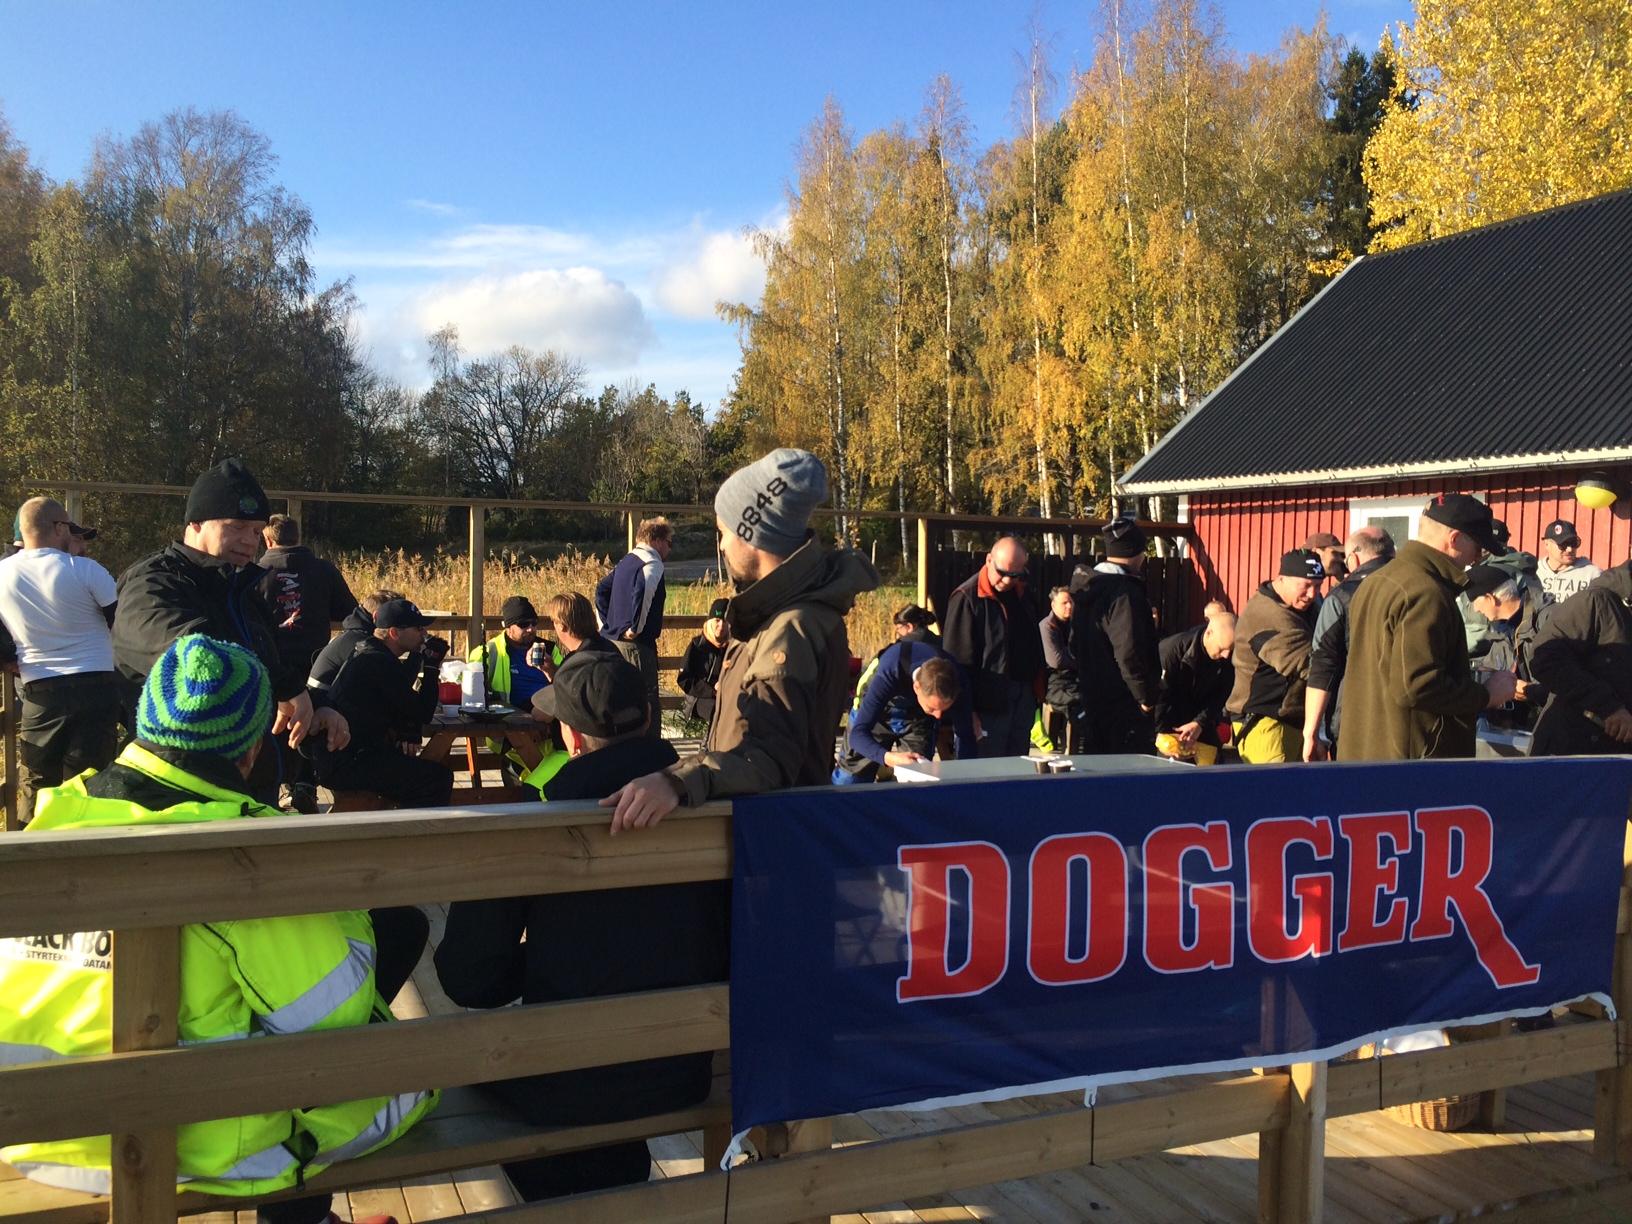 Dogger i Norrtälje sponsrar - riktigt uppskattat